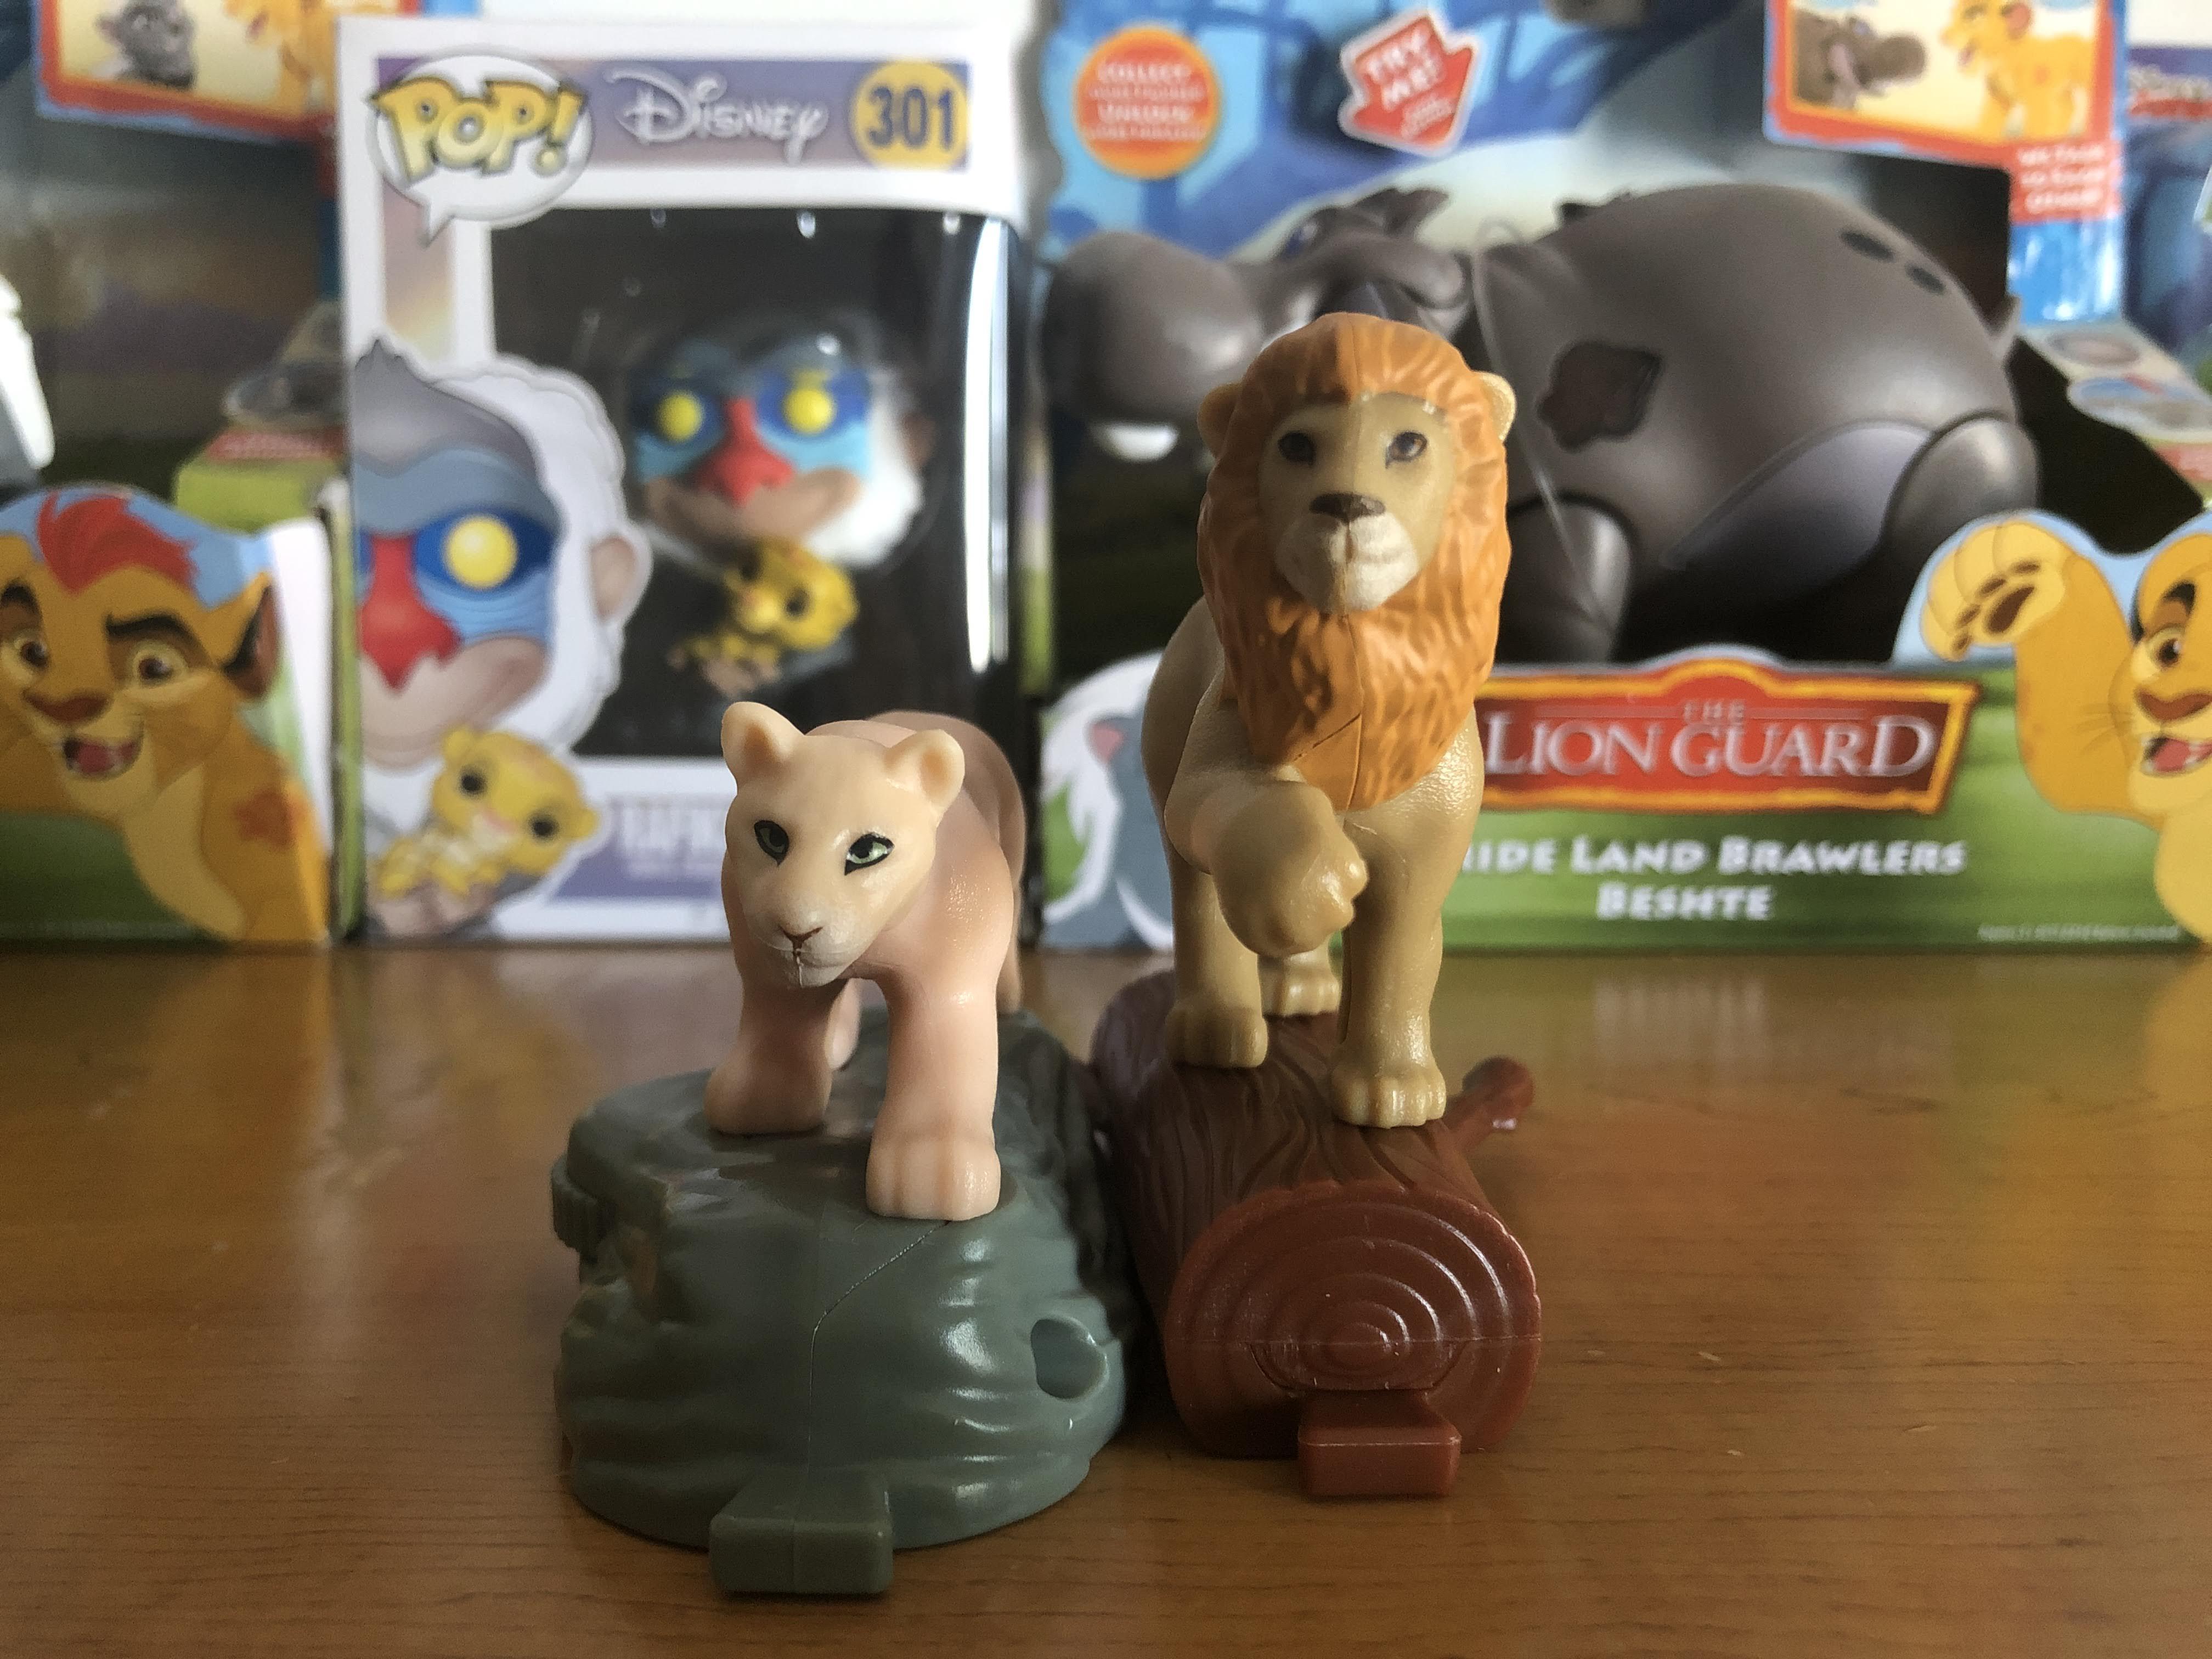 Mcdonalds Lion King 2019 Adult Simba And Nala Toys By